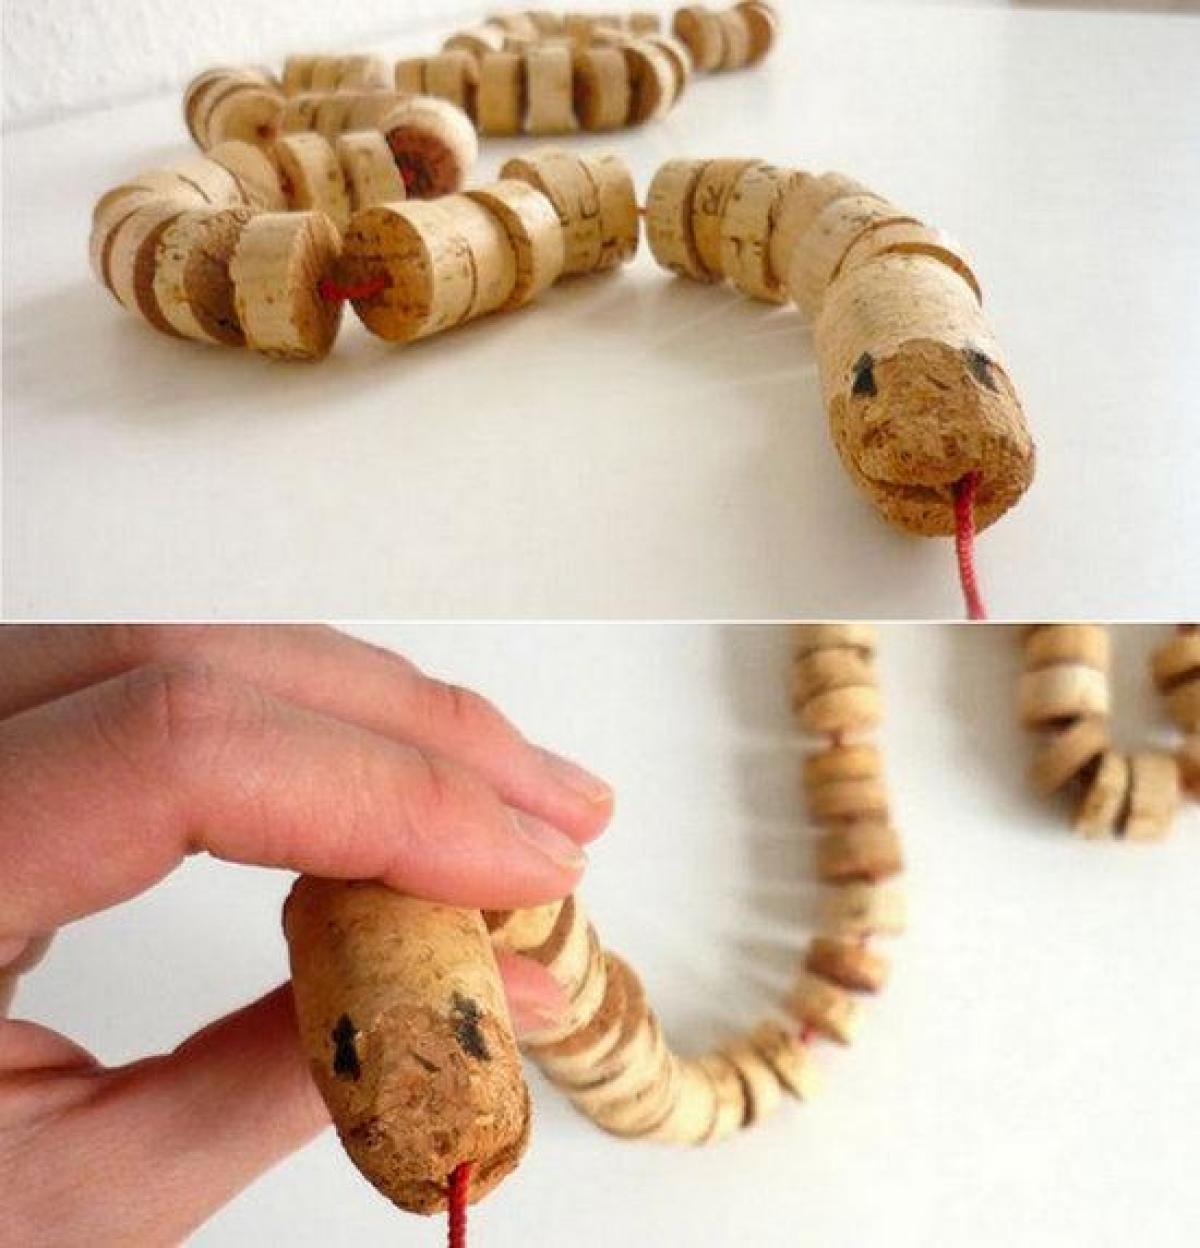 Una serp feta de taps de suro per jugar els més petits